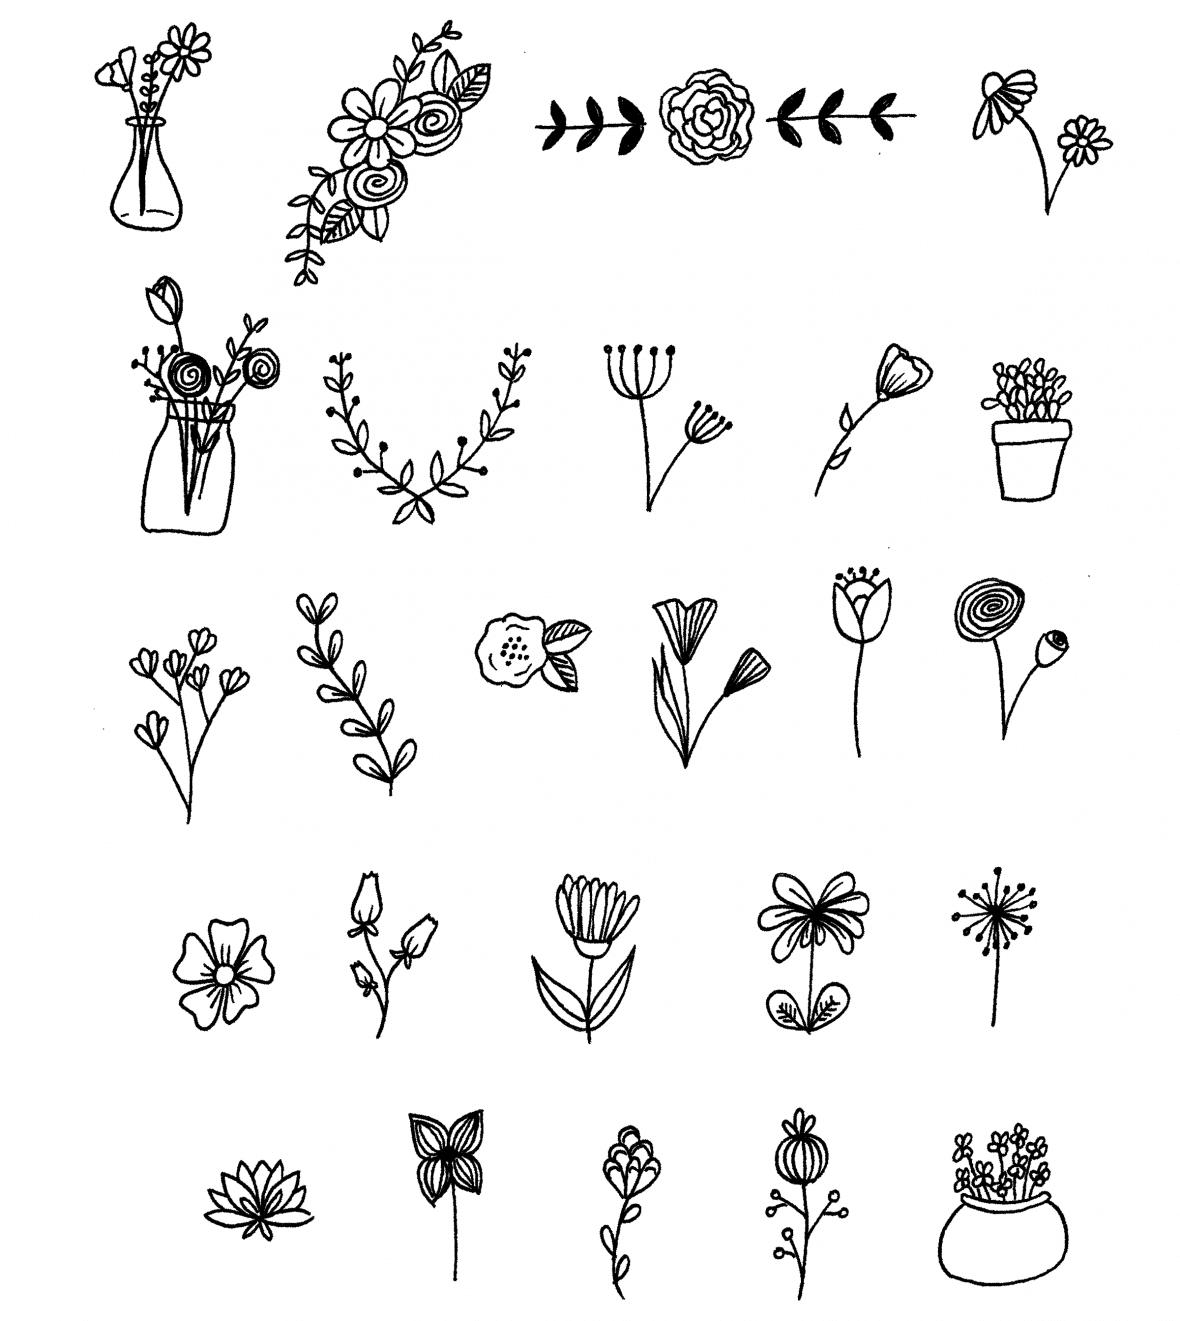 25 Floral Doodles For Your Bullet Journal Bullet Journal Art Floral Doodle Bullet Journal Doodles